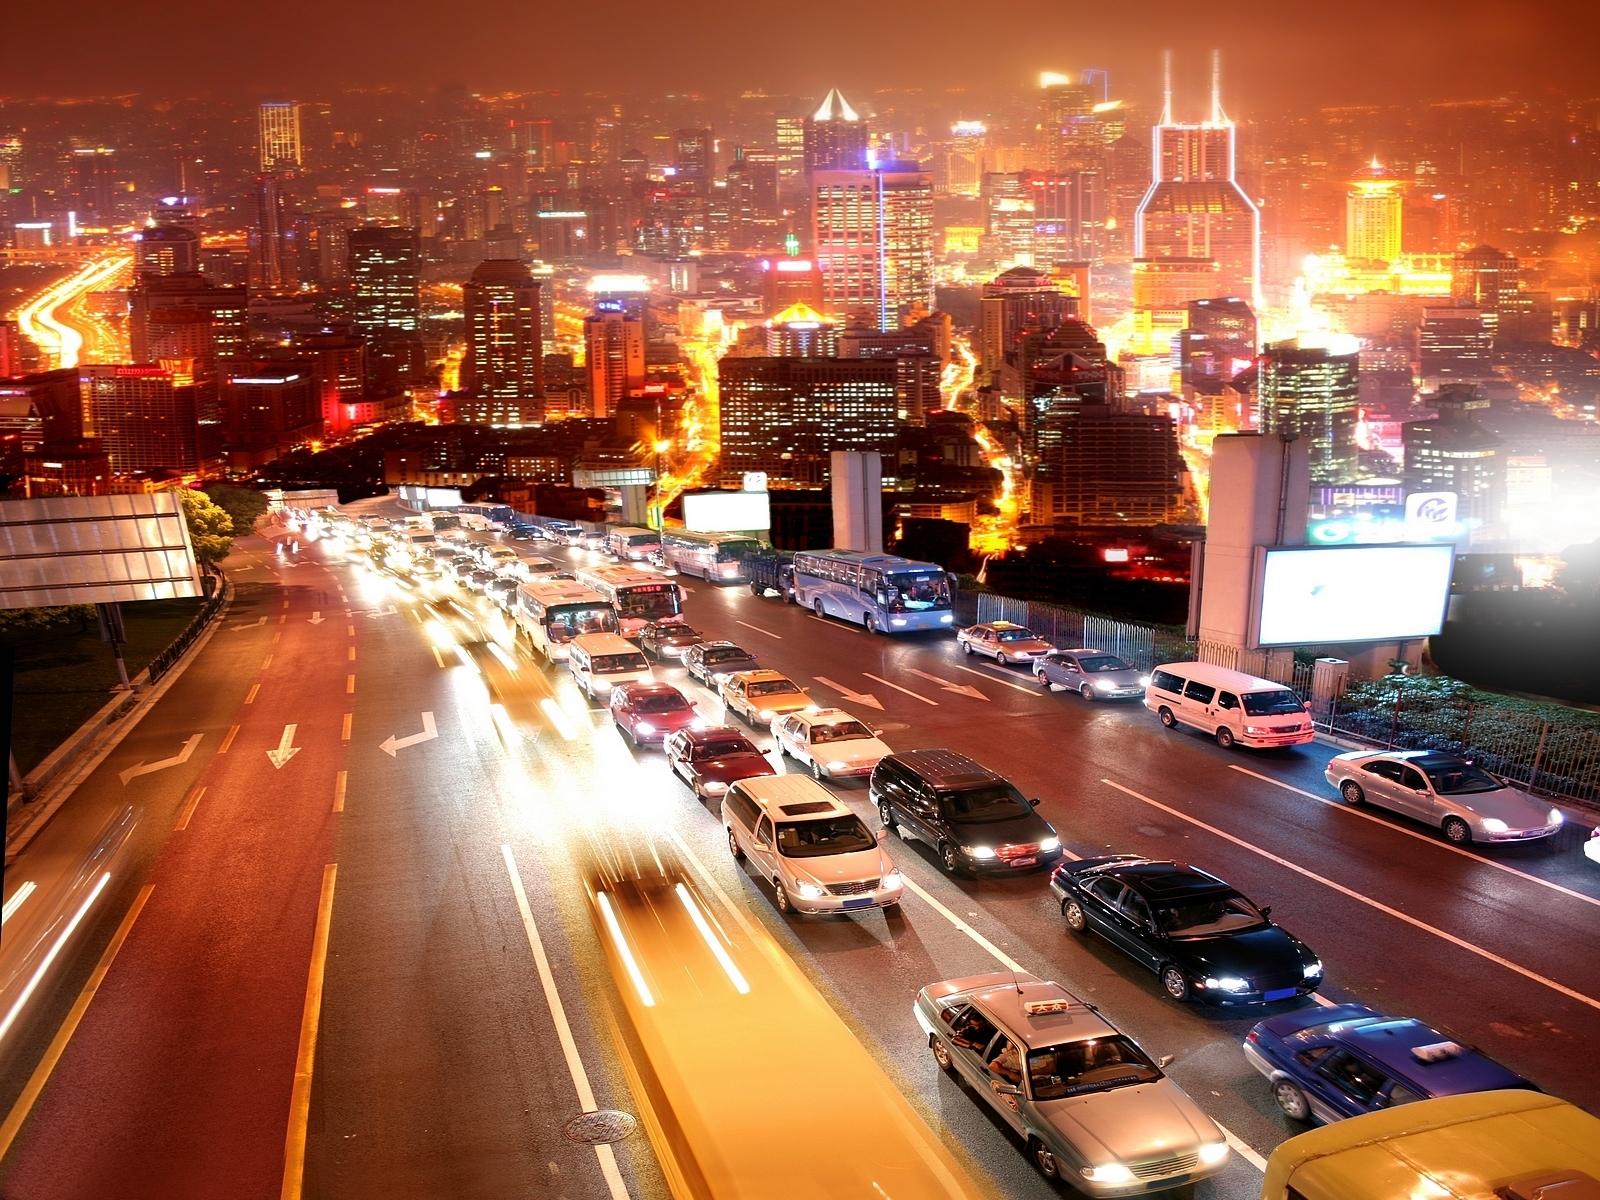 6848 скачать обои Пейзаж, Города, Машины, Дороги, Улицы, Ночь - заставки и картинки бесплатно